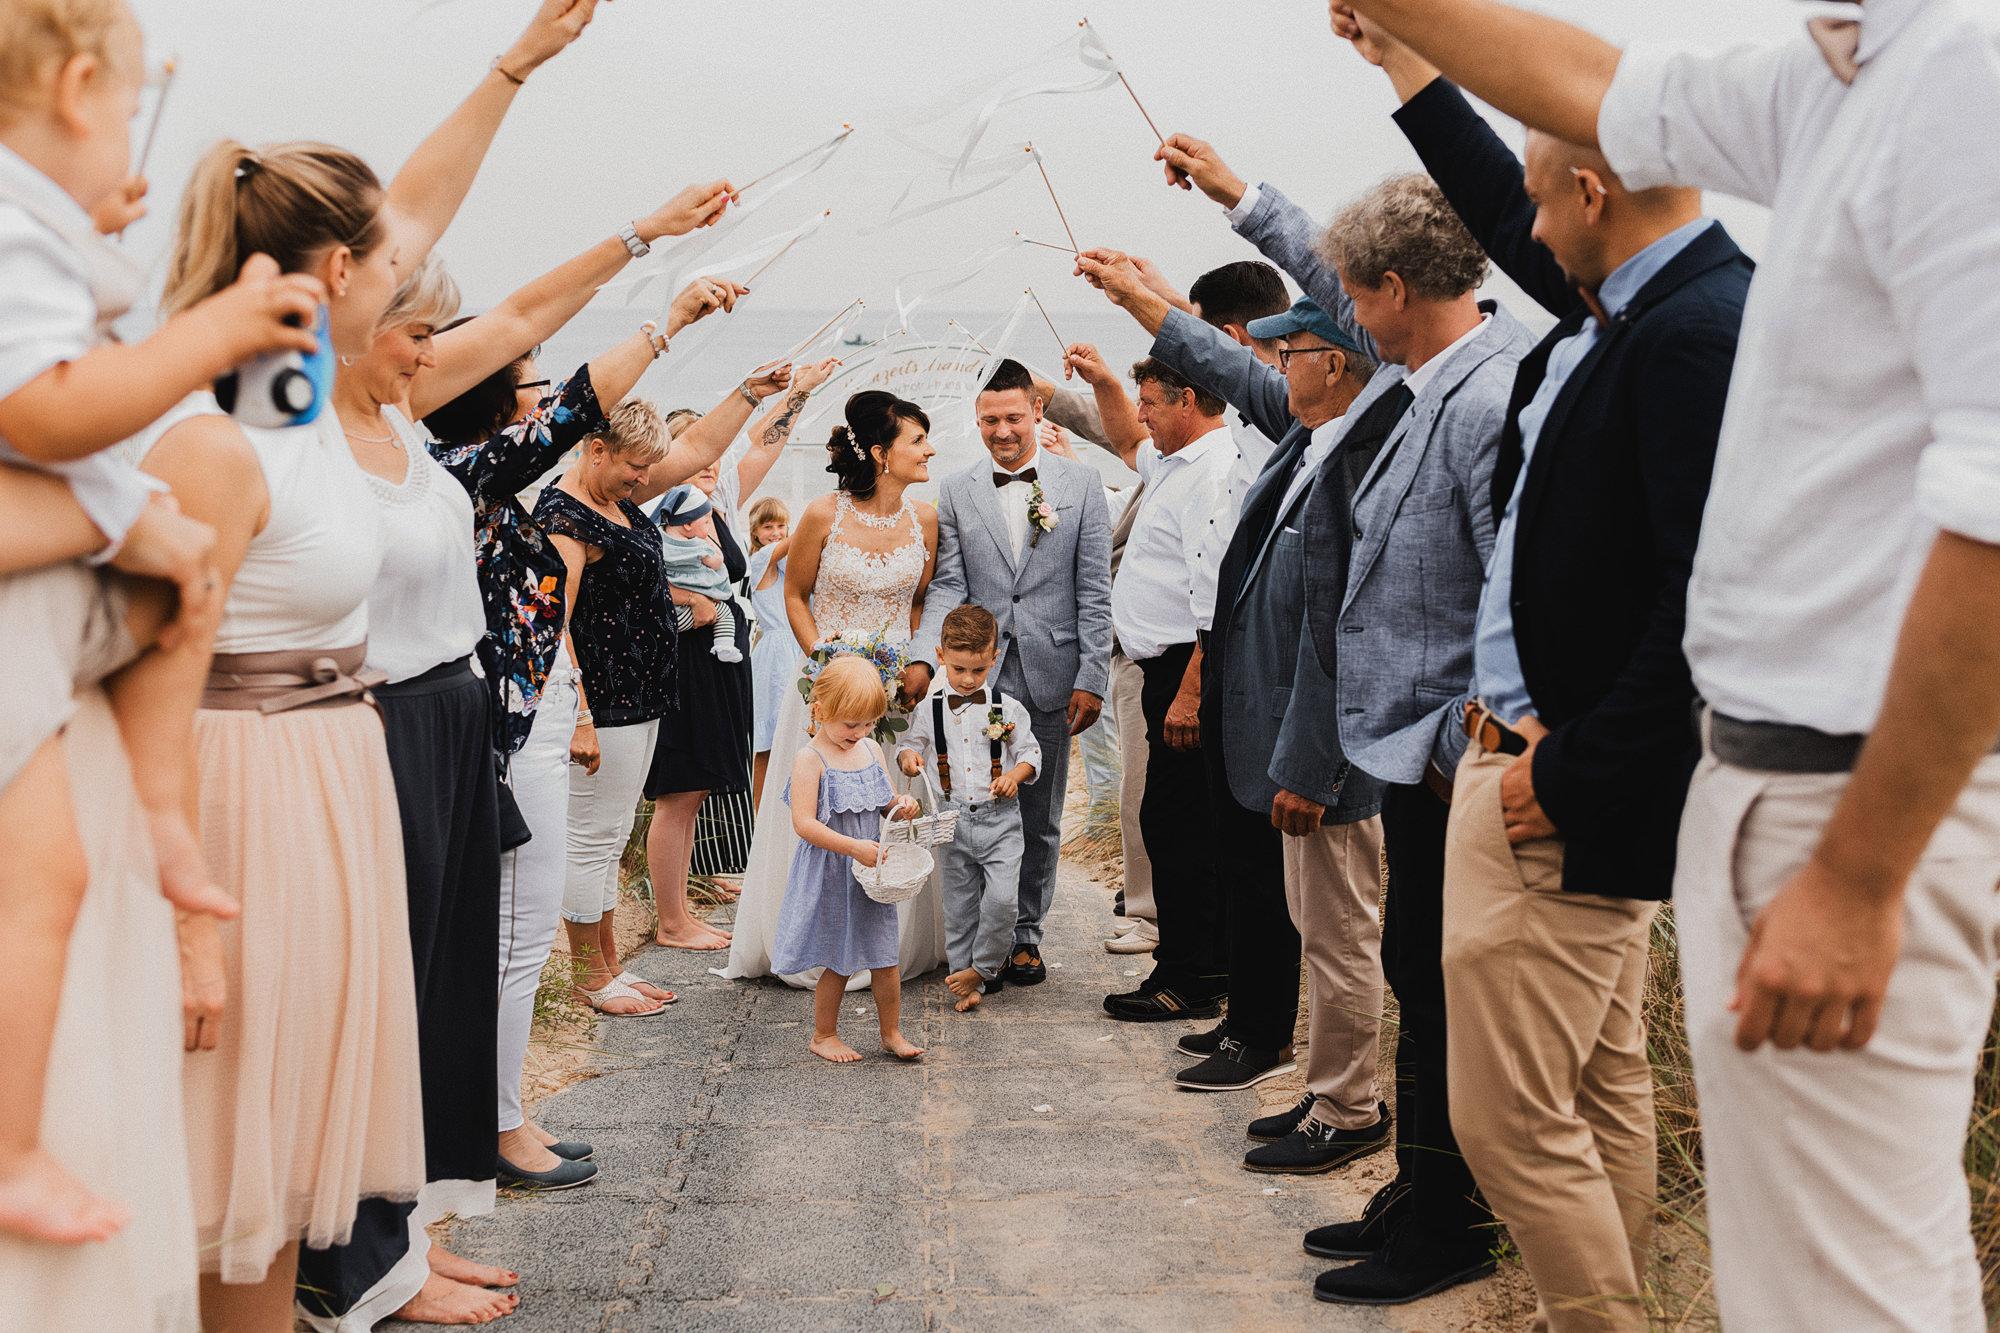 Hochzeitsreportage - Rügen - Kurhaus Binz - Baltic Hotel Göhren - Trauung - After Wedding - Paarshooting - Fotograf Ostsee